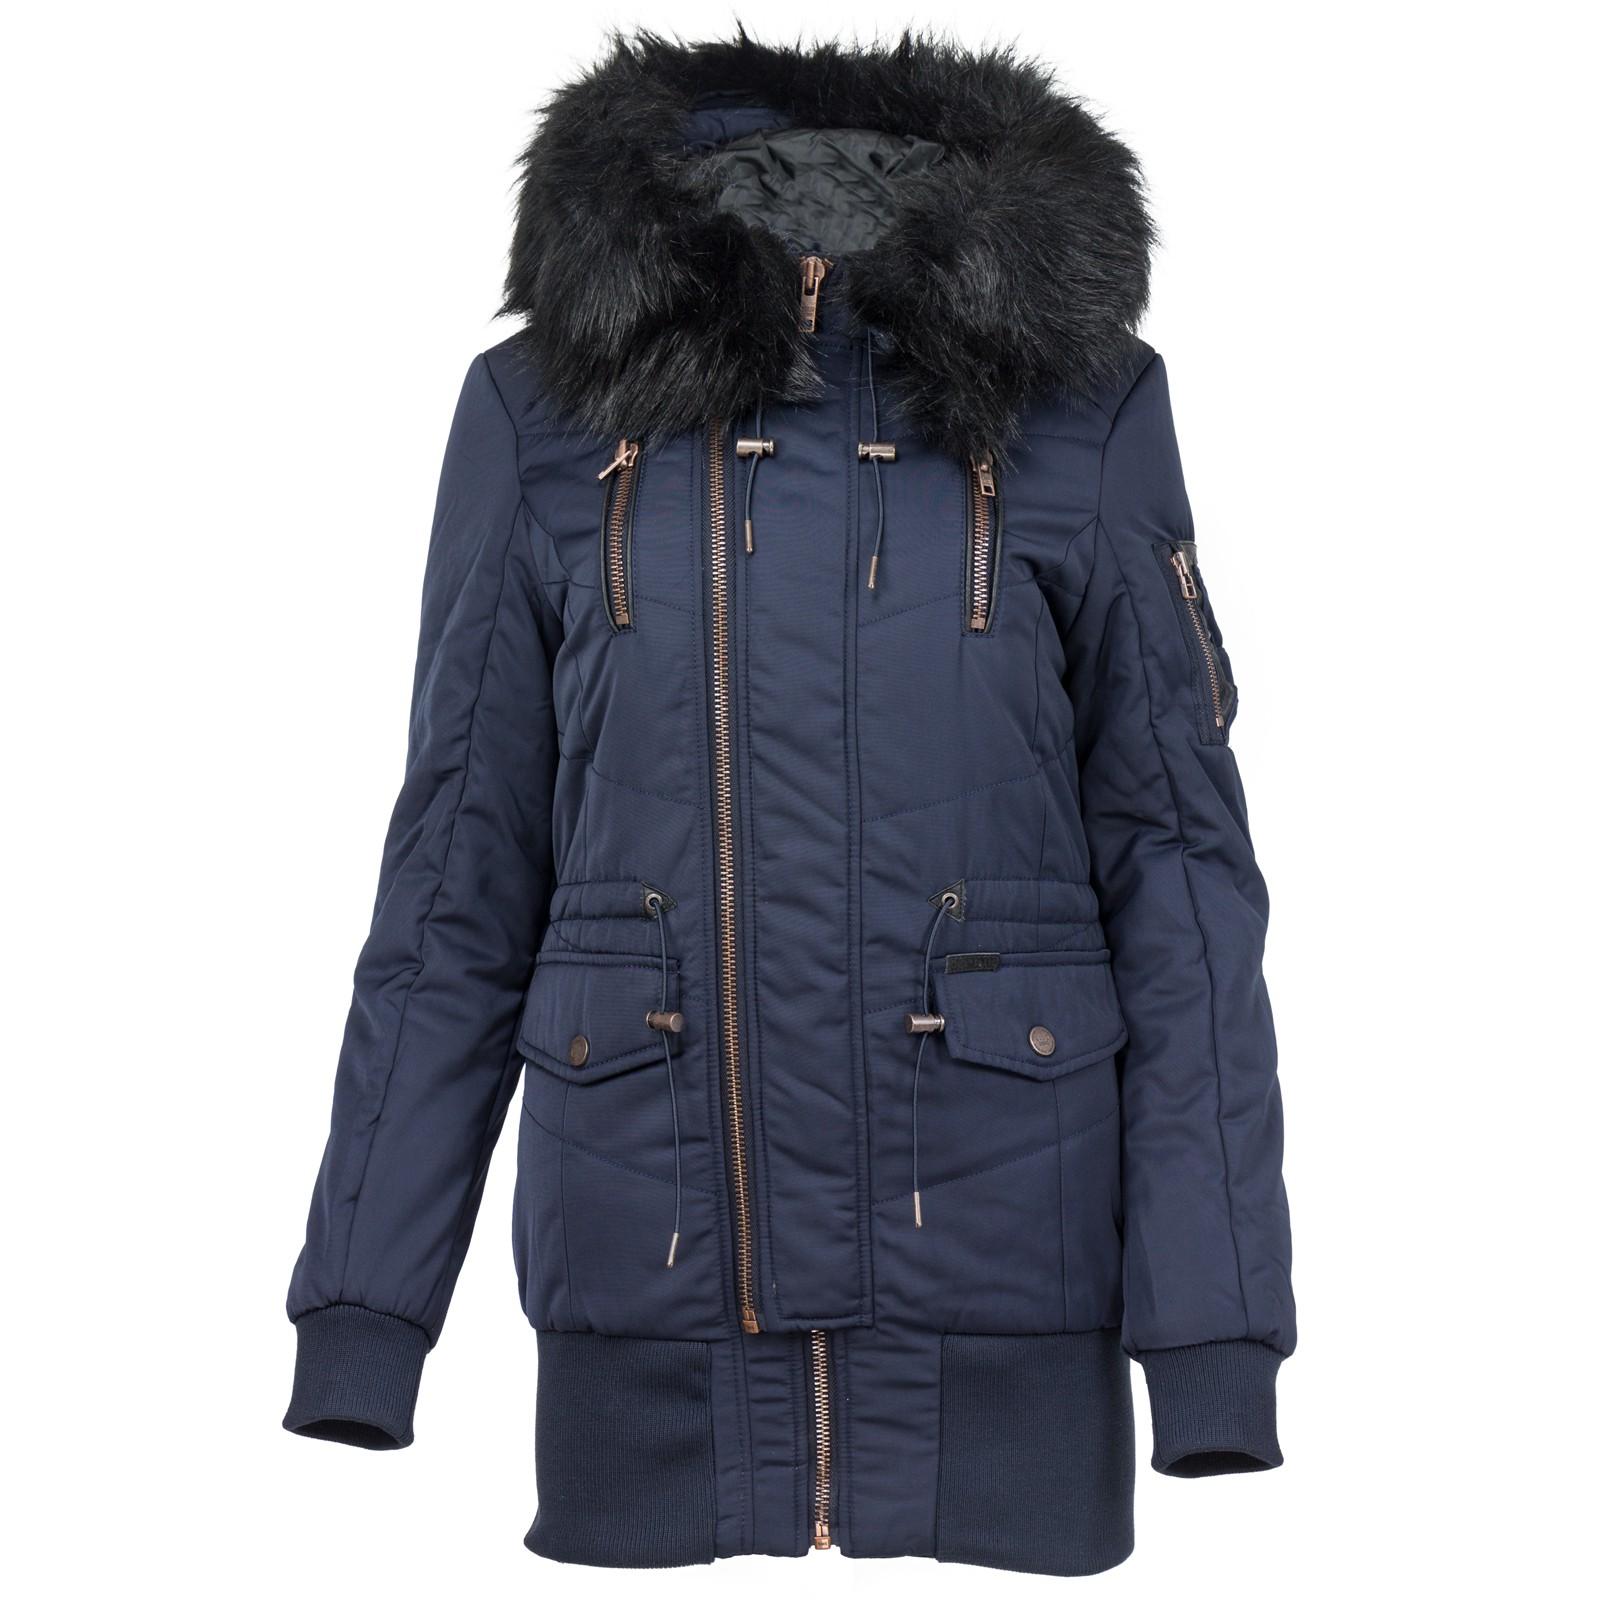 Details zu Khujo Damen Winterjacke mit Kapuze Kunstfell Fake Fur Winter Jacke Damenjacke